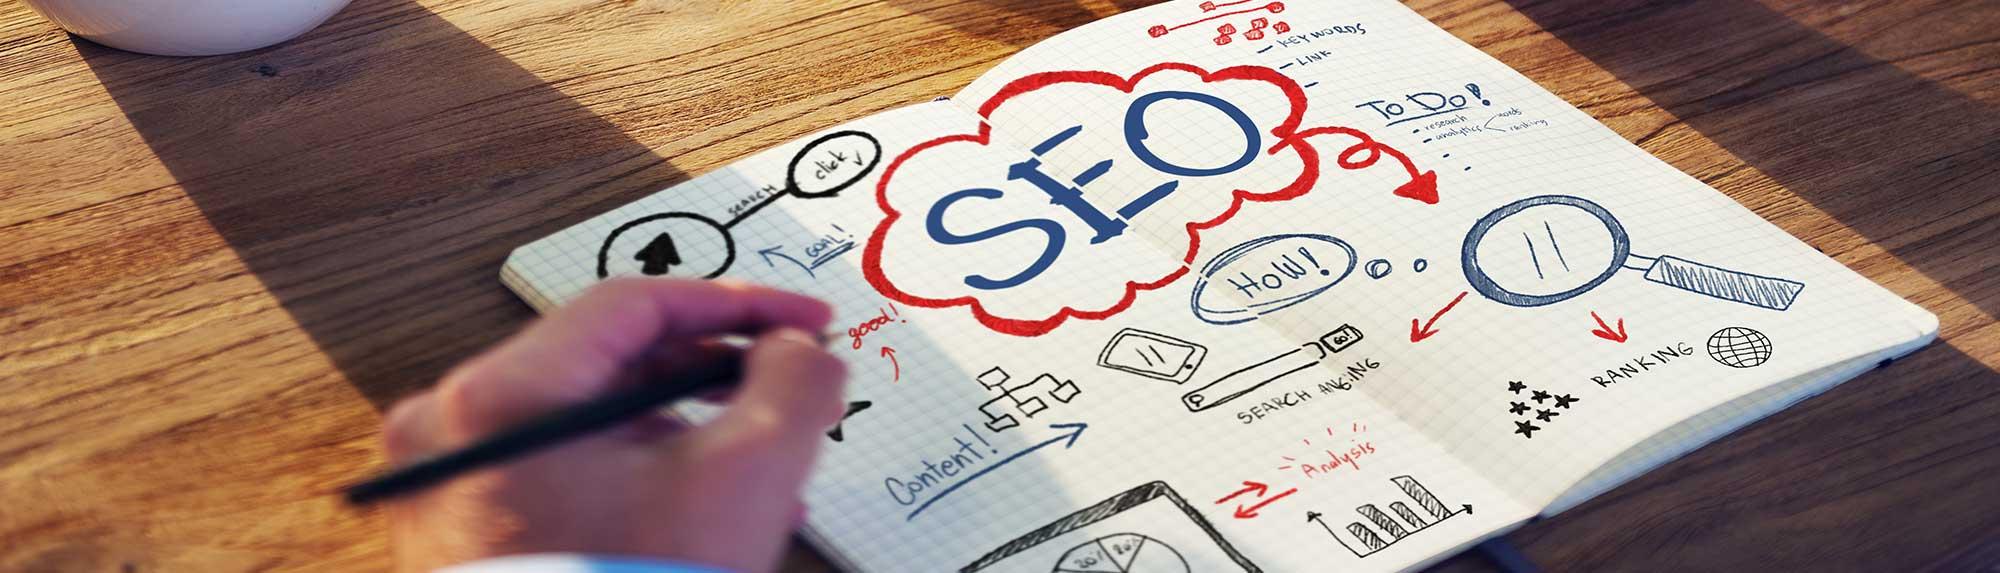 seo copywriting google motori di ricerca prima pagina alessandria milano torino genova